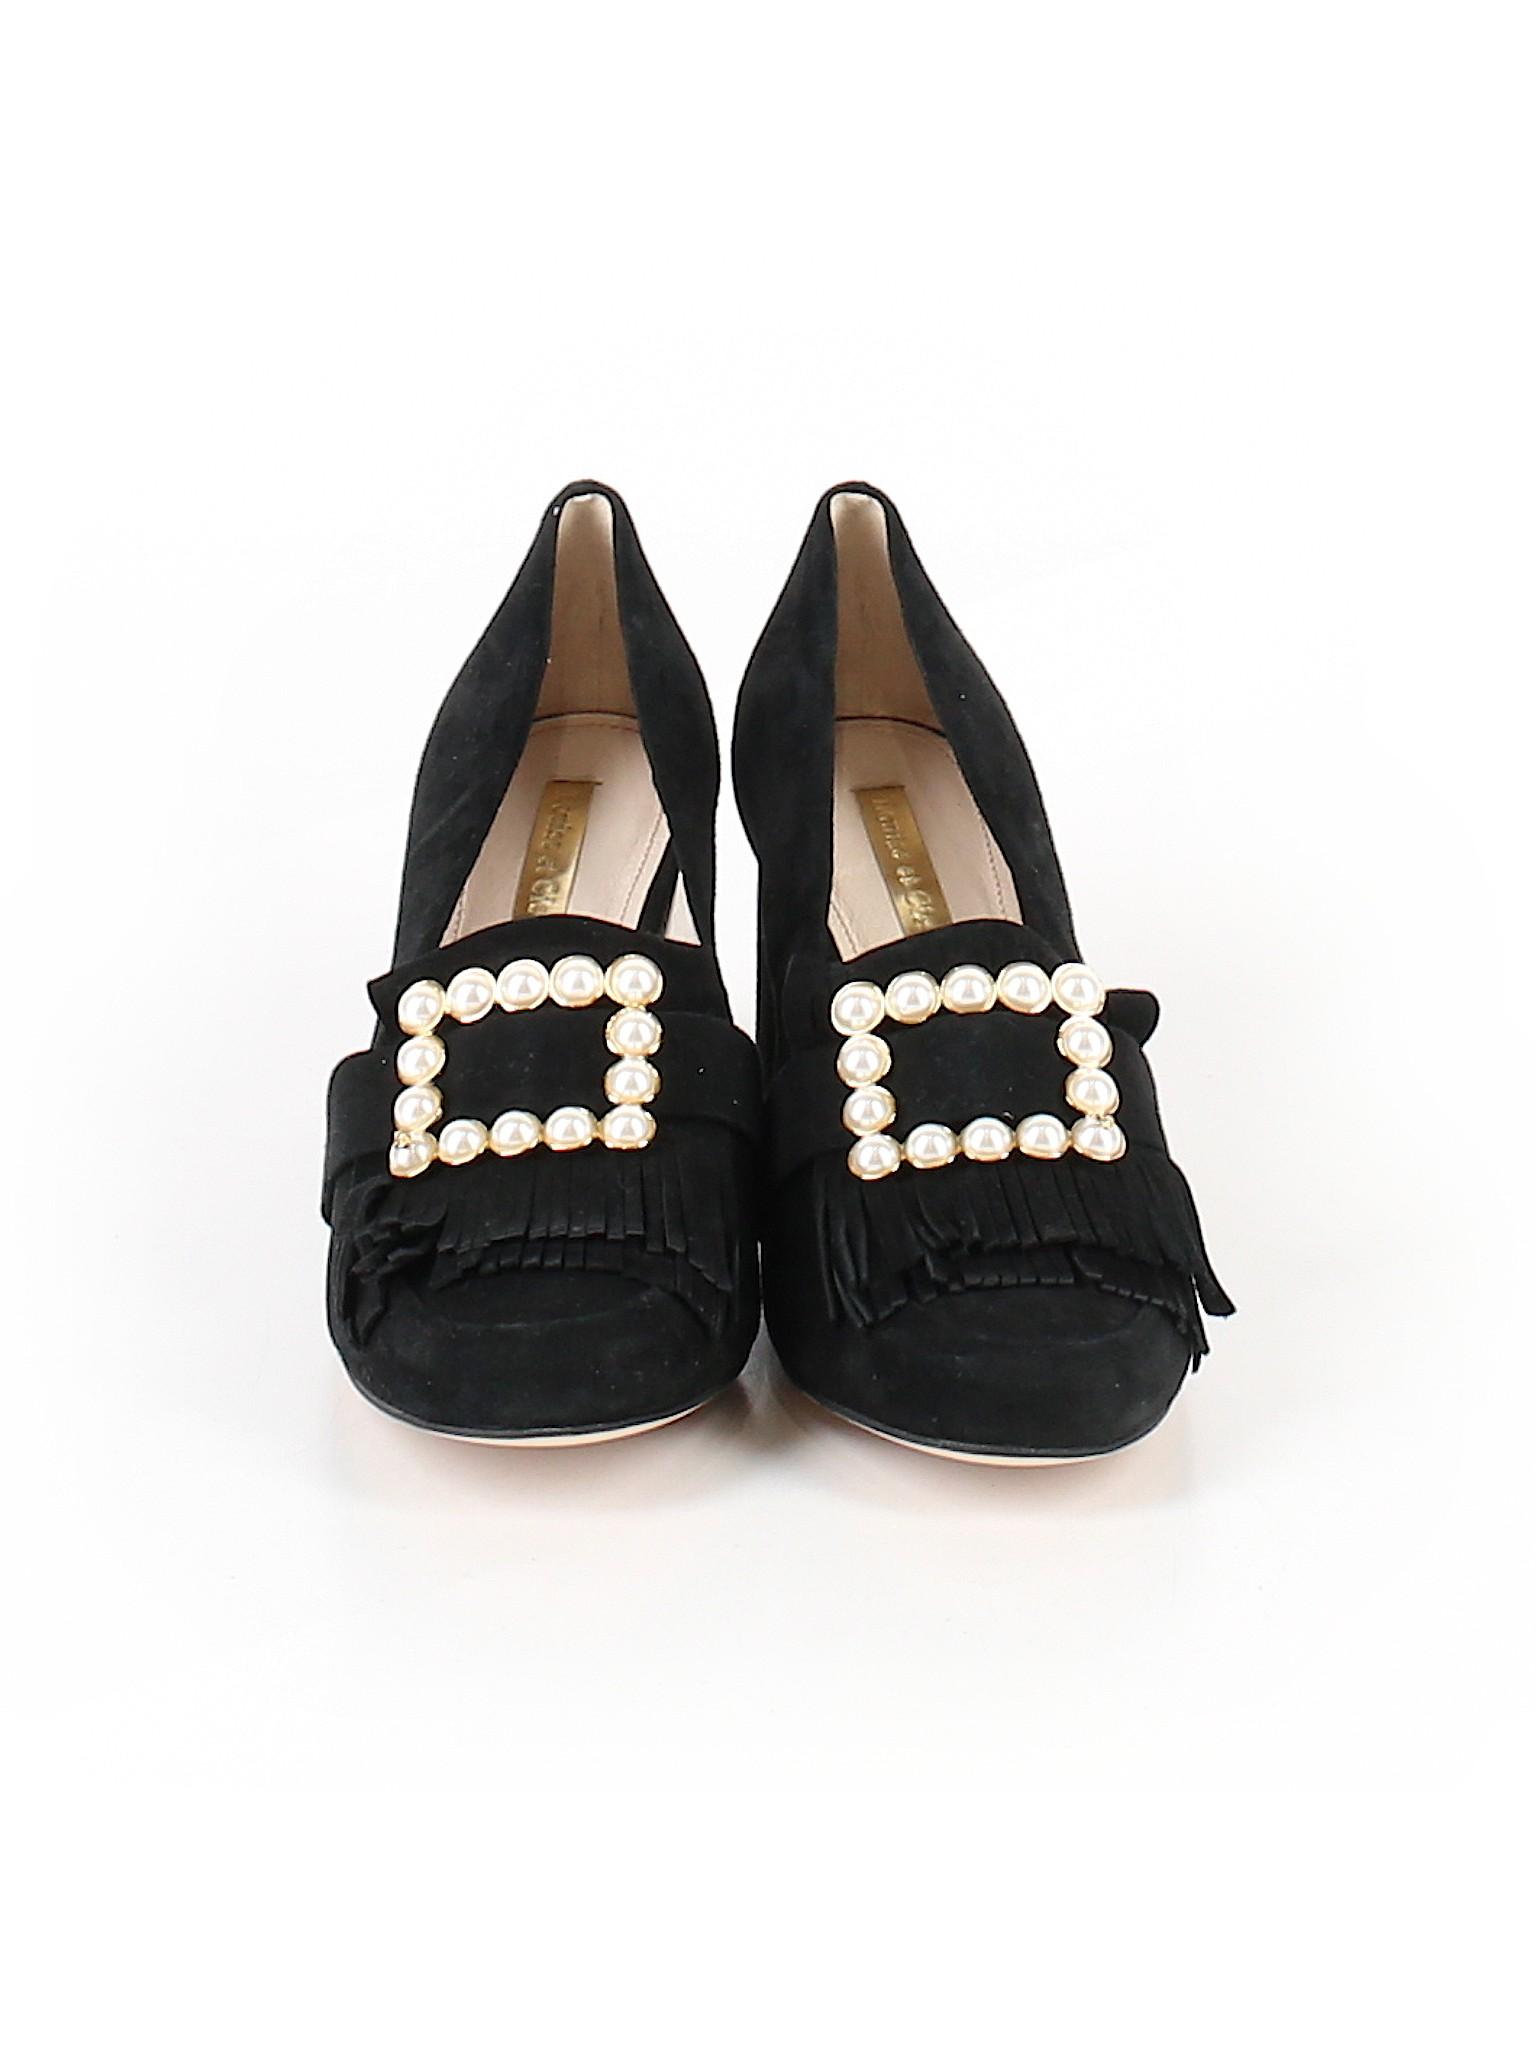 Et Heels Boutique promotion Cie 1bCPMSp1cIe WzRHxn8wqE